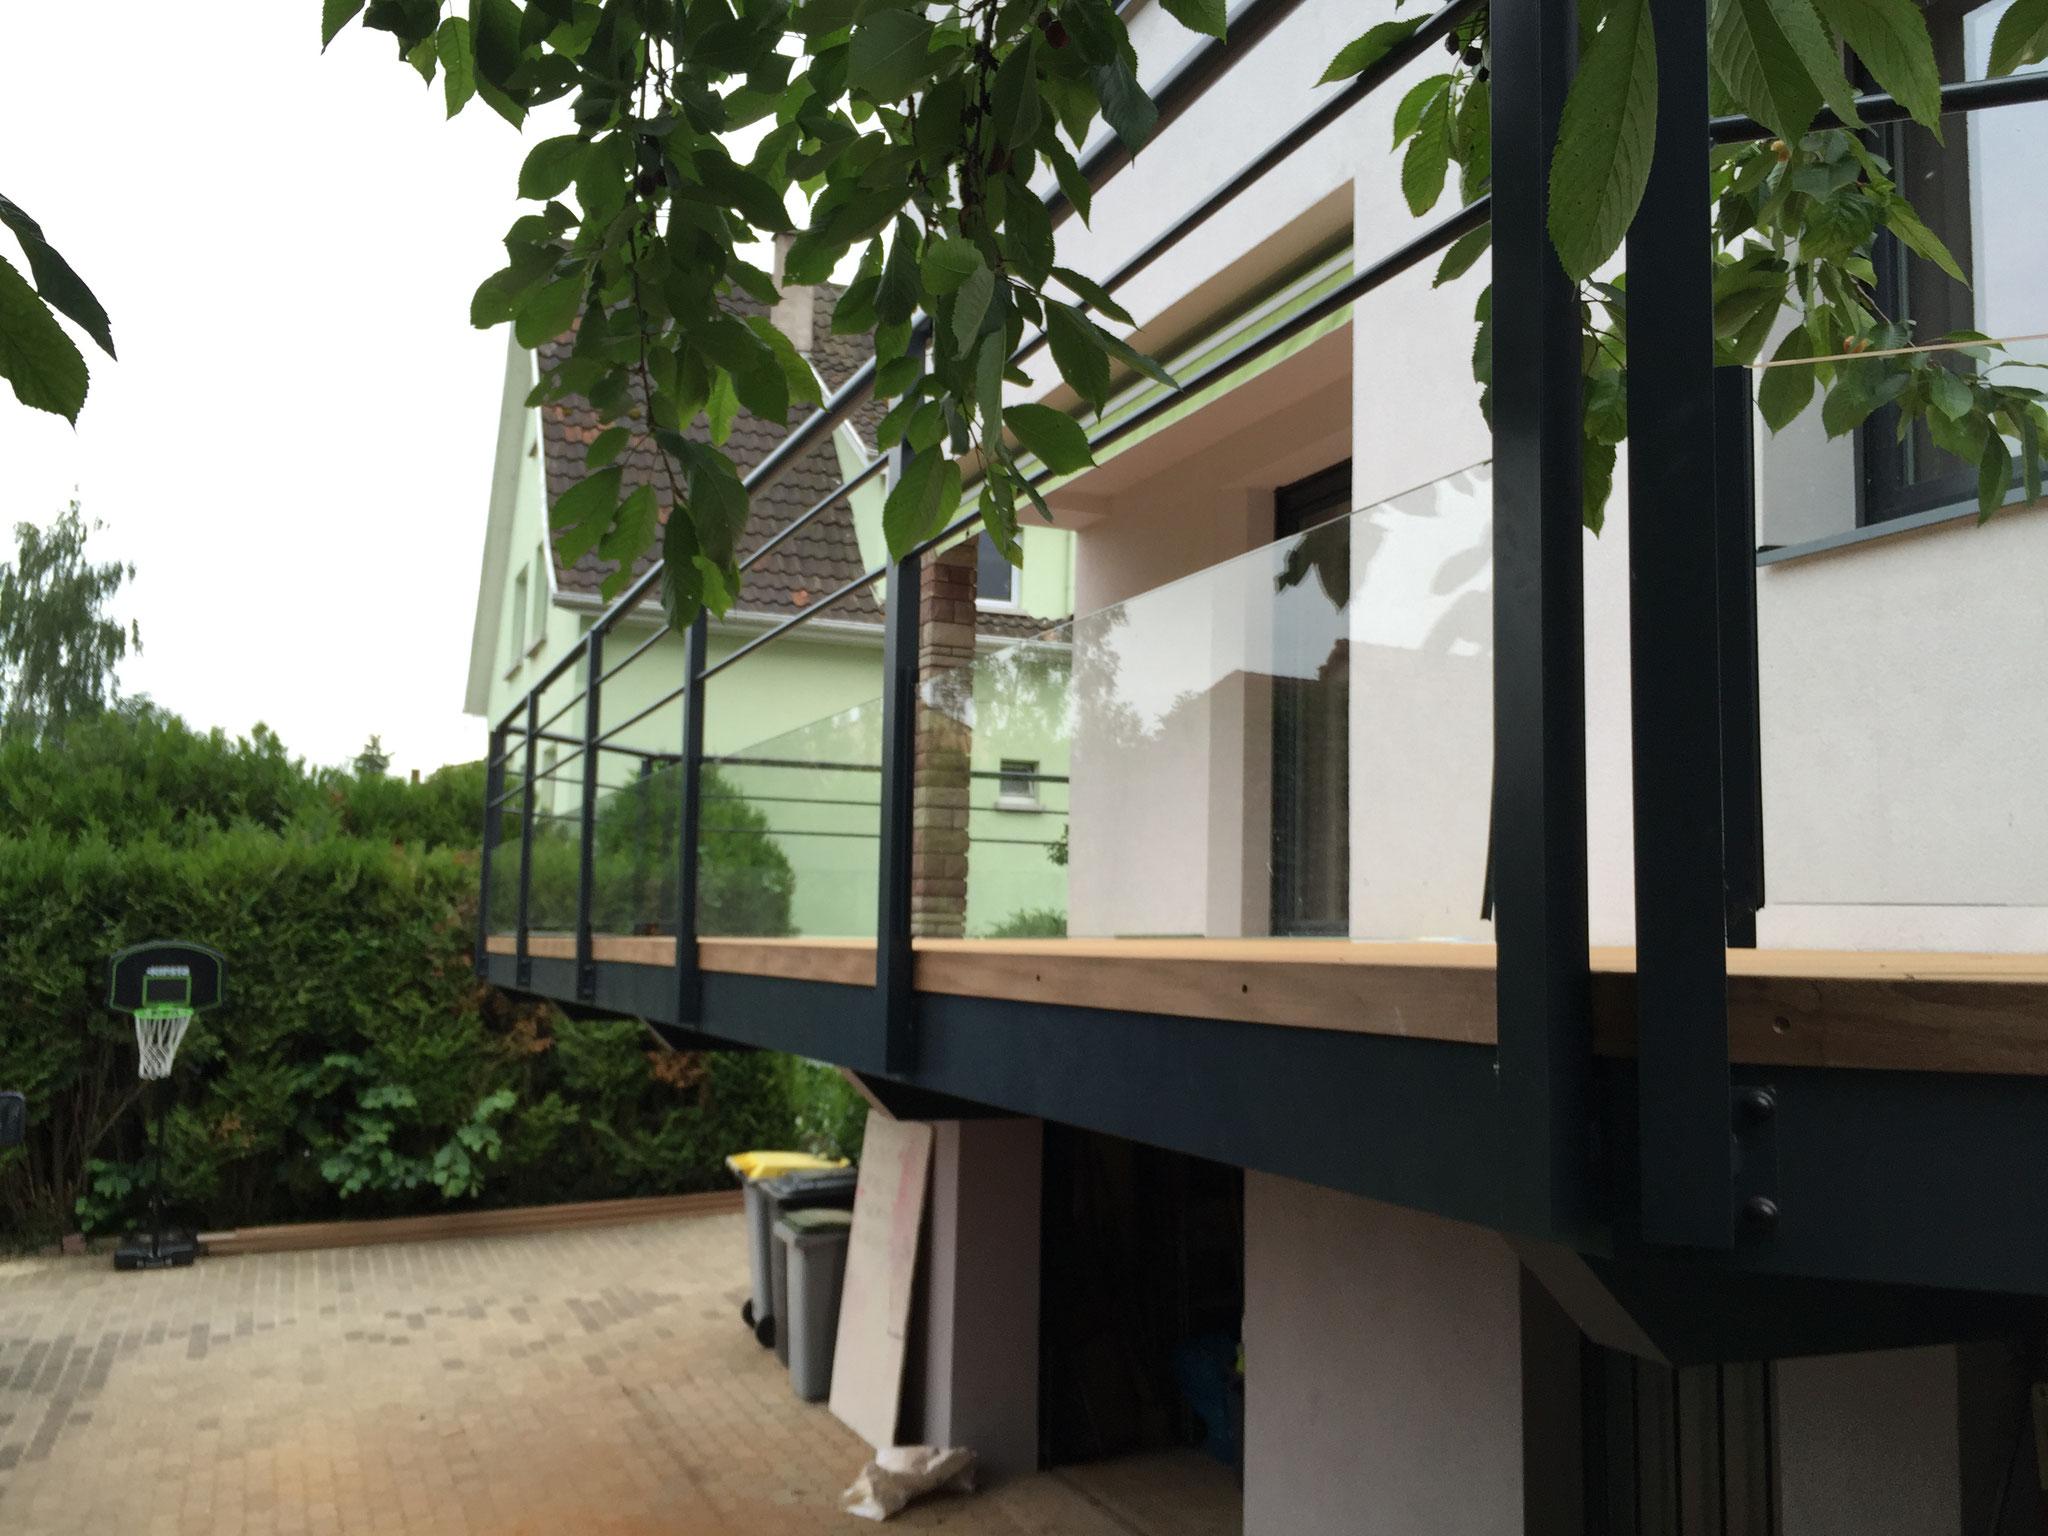 Lames de rive en Afzelia pour cacher le board d'un balcon métallique Strasbourg 67 Activ Renovation